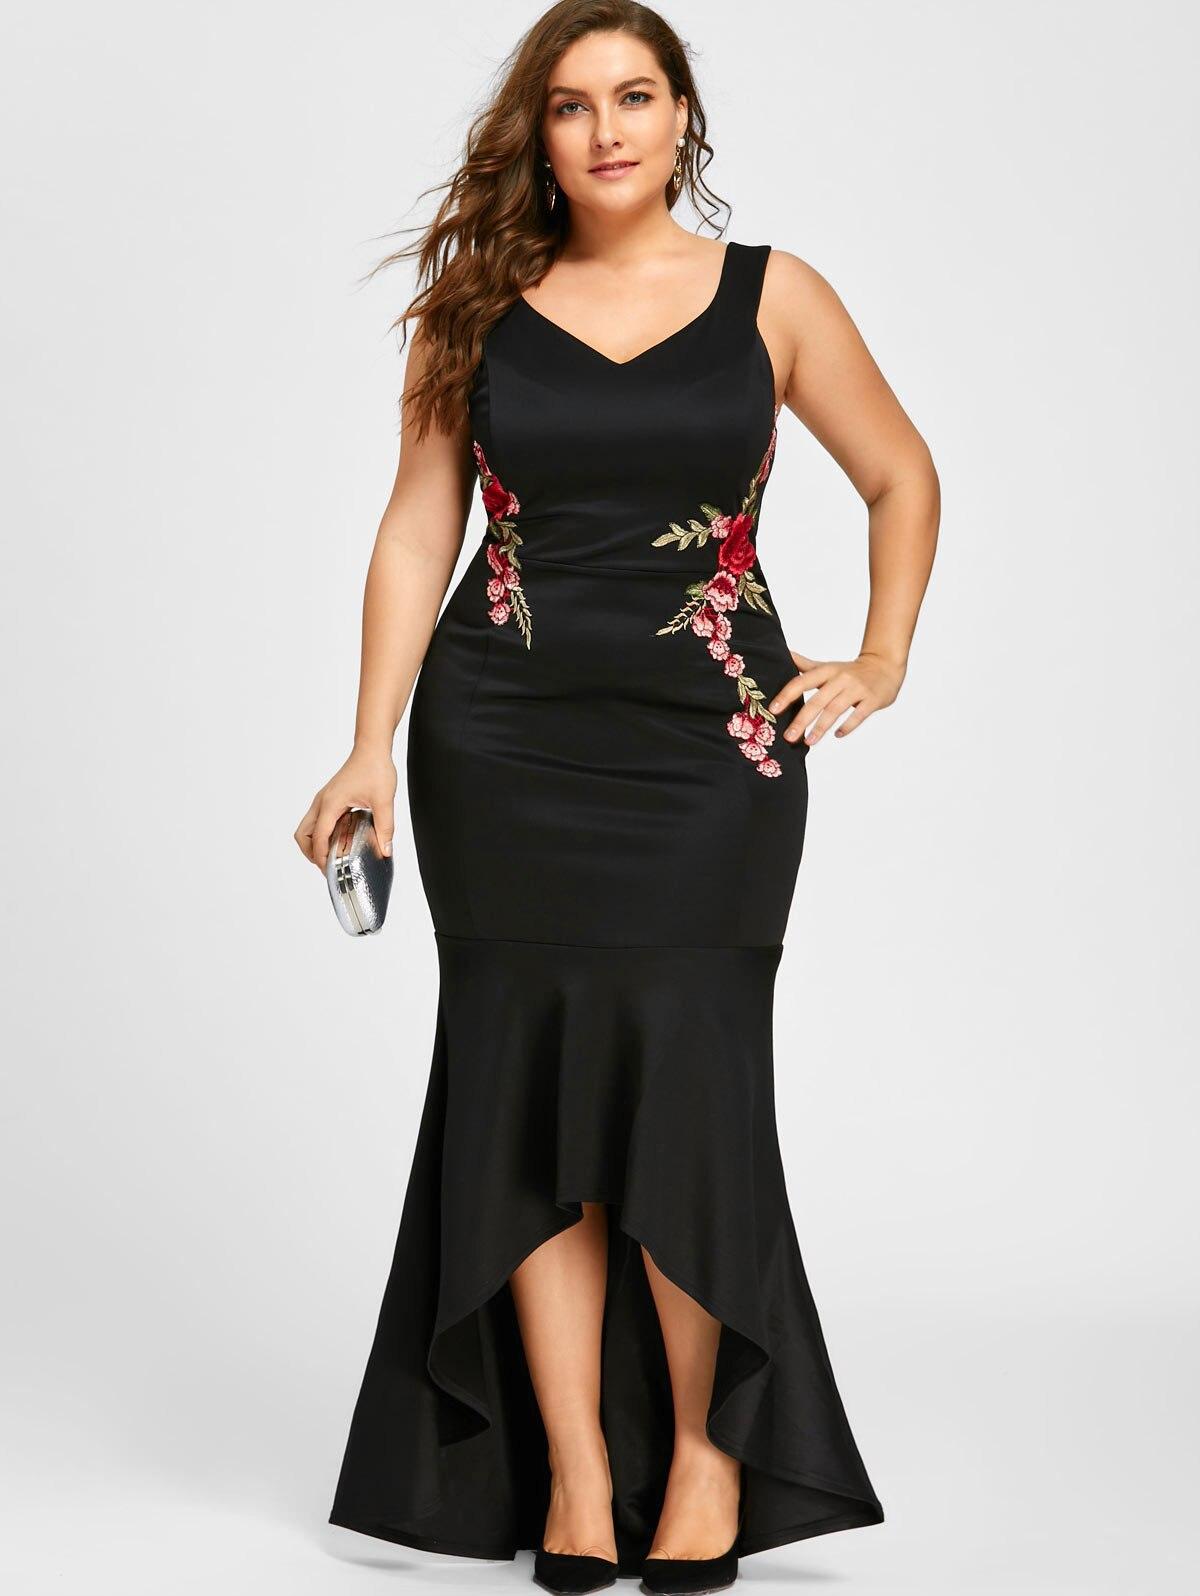 Vestidos De Fiesta Sirena Plus Tamano De Noche Mujer Elegantes Talla Grande 2020 Ebay